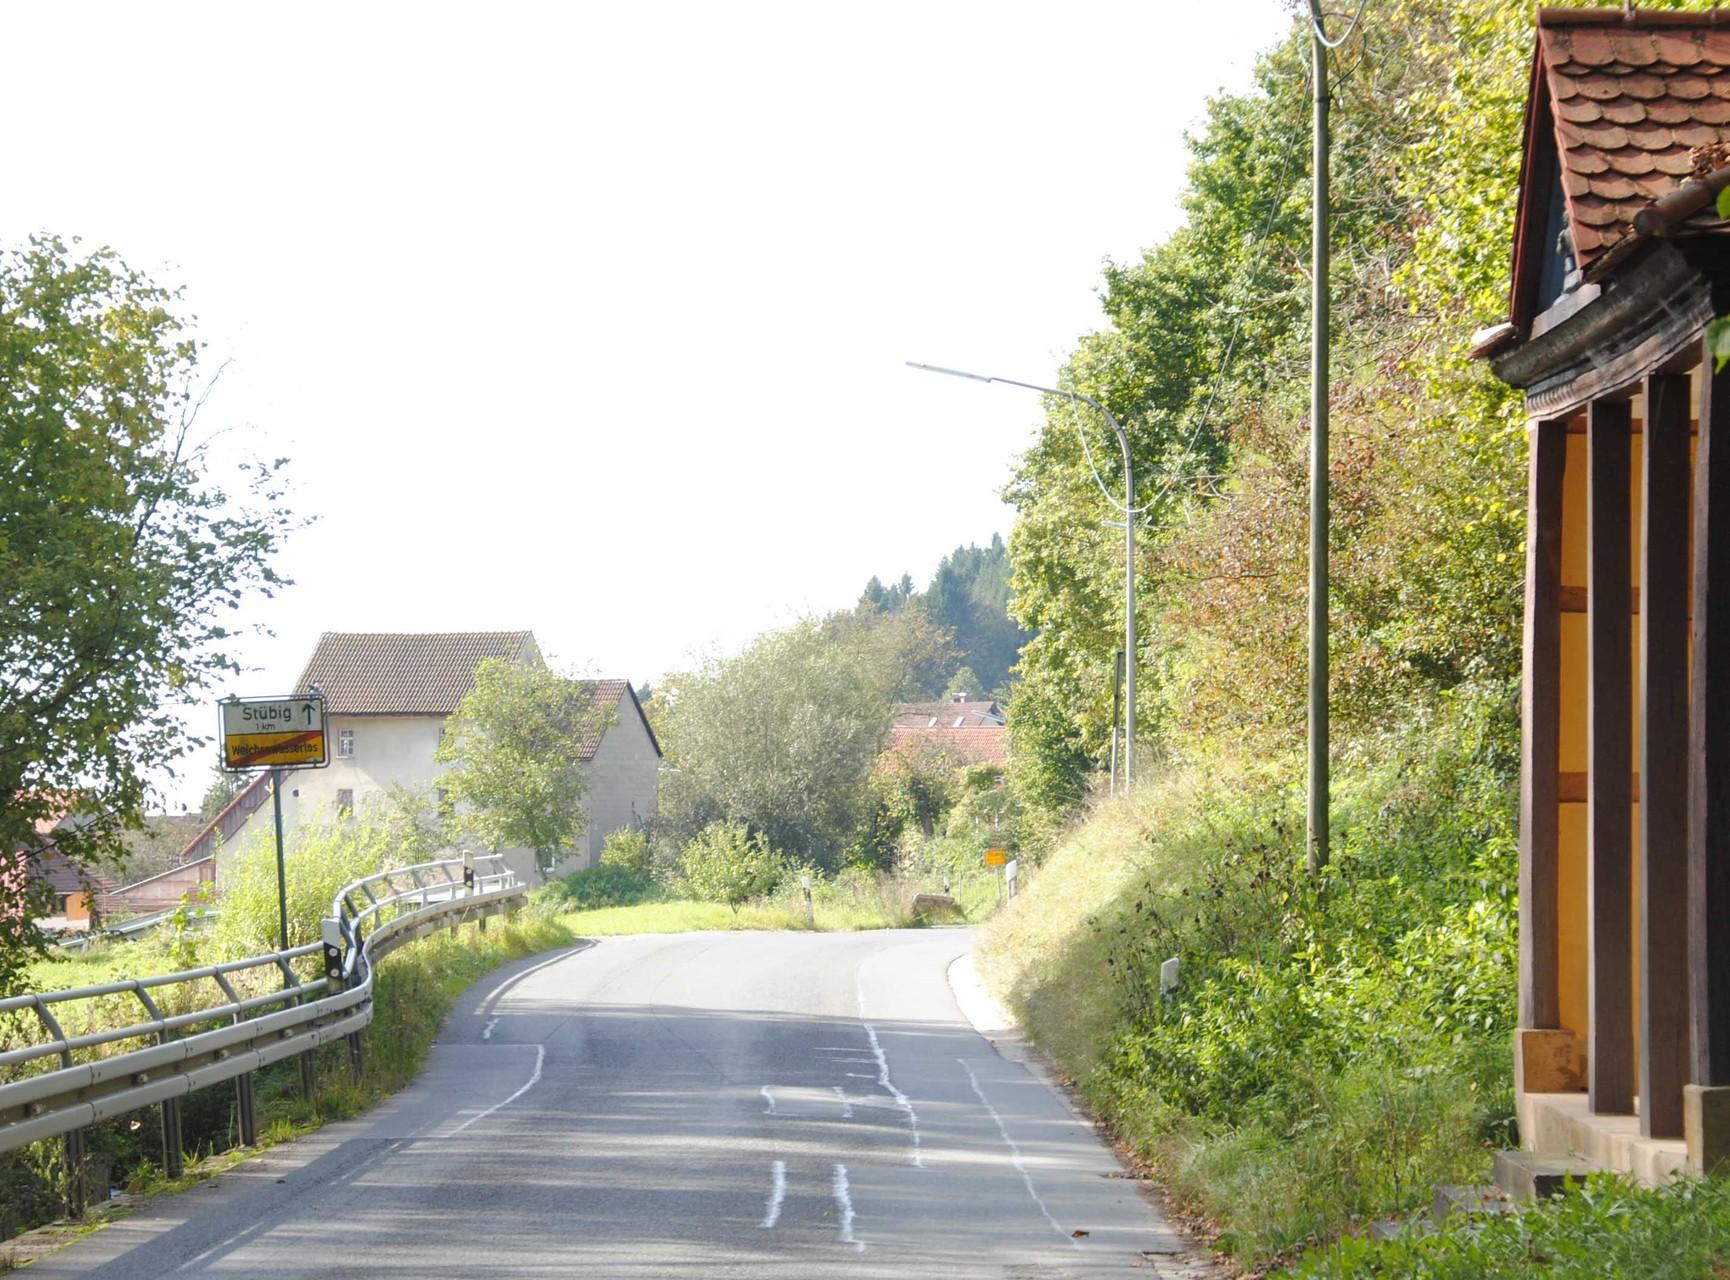 Nordöstlicher Ortseingang, links im Hintergrund Gebäude der Oberen Mühle, rechts die frühneuzeitliche Wegkapelle Sankt Georg